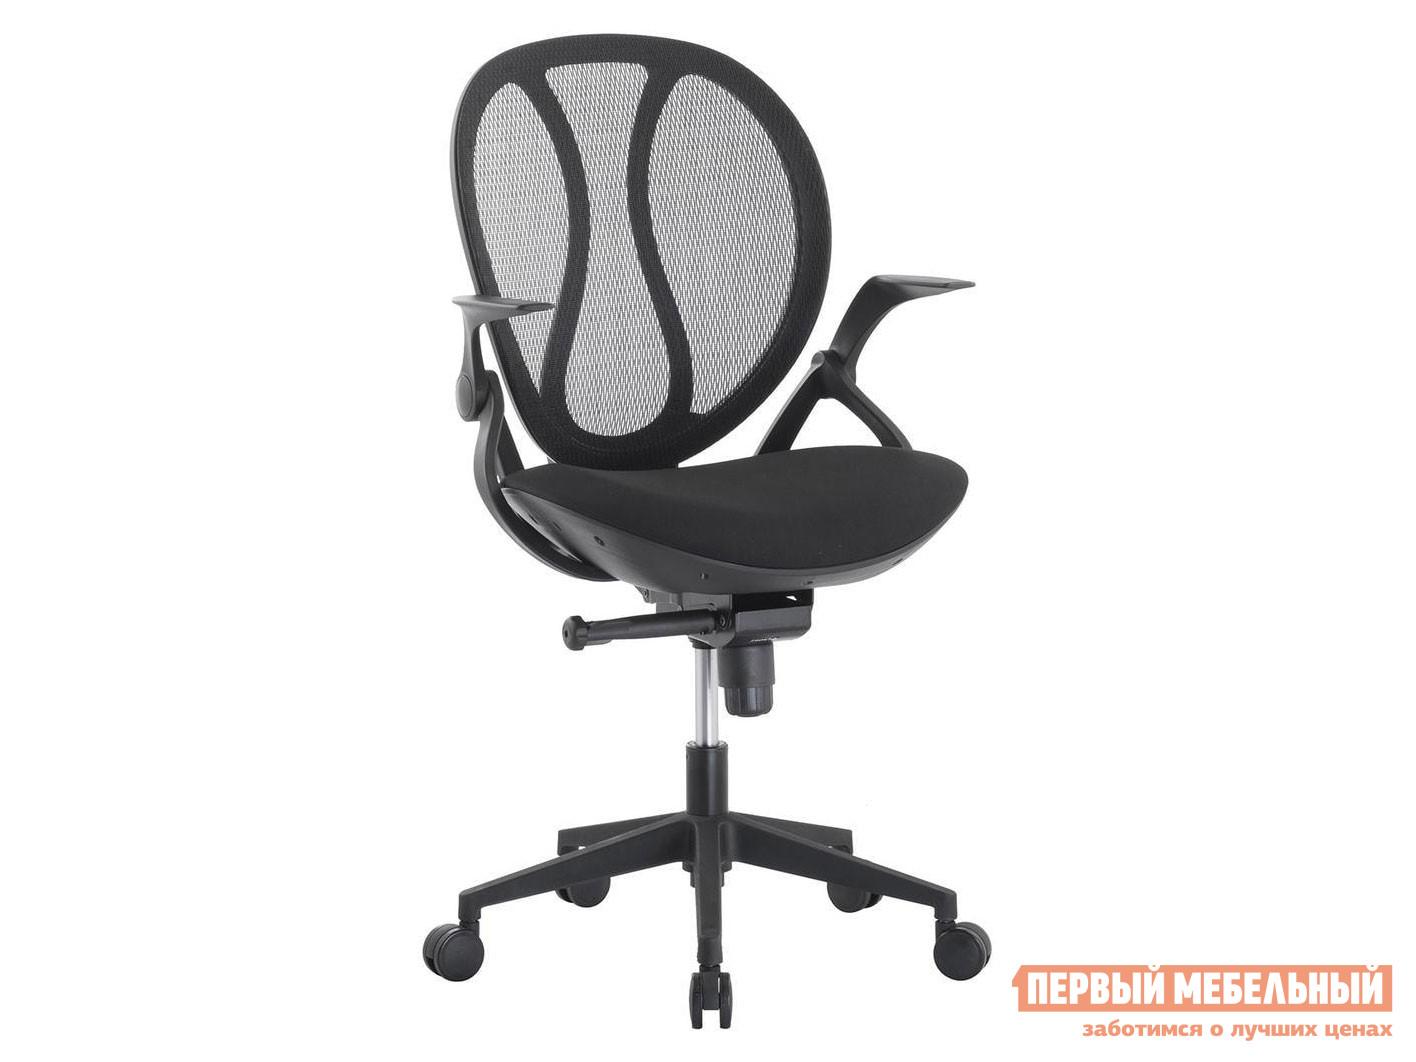 Офисное кресло  Кресло SHELL Ткань черная — Кресло SHELL Ткань черная